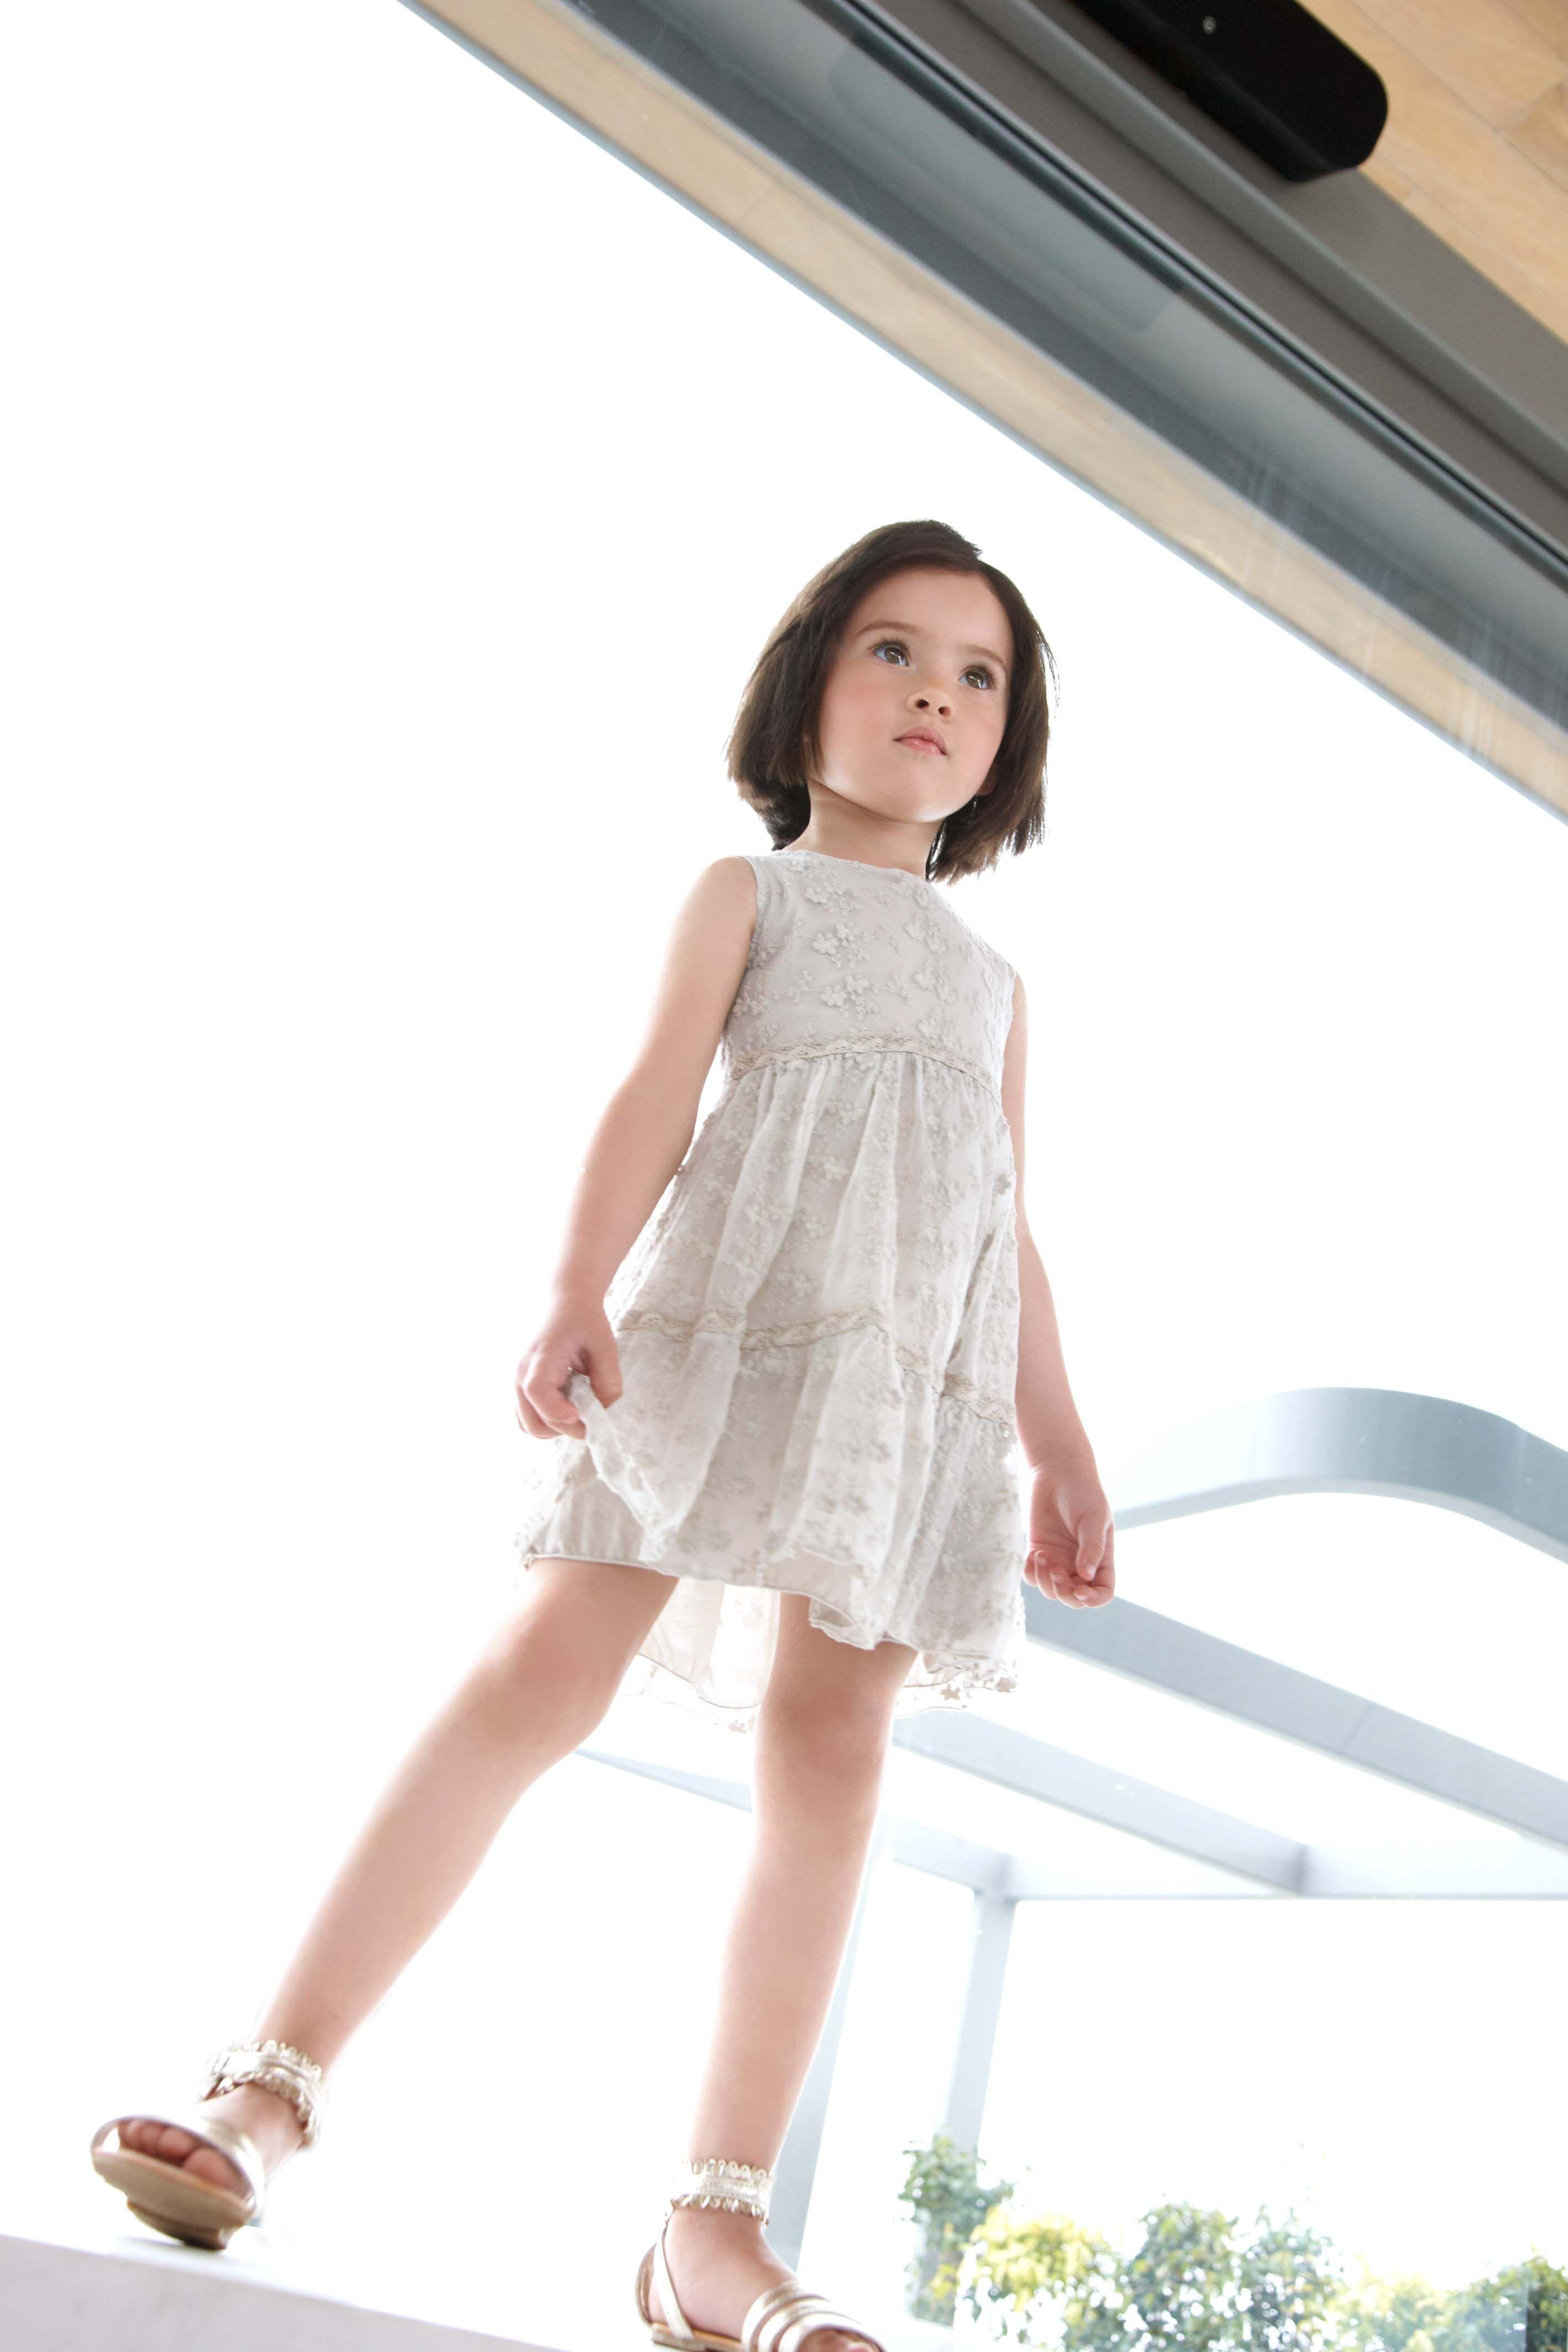 1fef581807c0 Elsy Baby Dettagli floreali e tessuti leggeri per i vestitini delle nostre bambine  Moda bambino